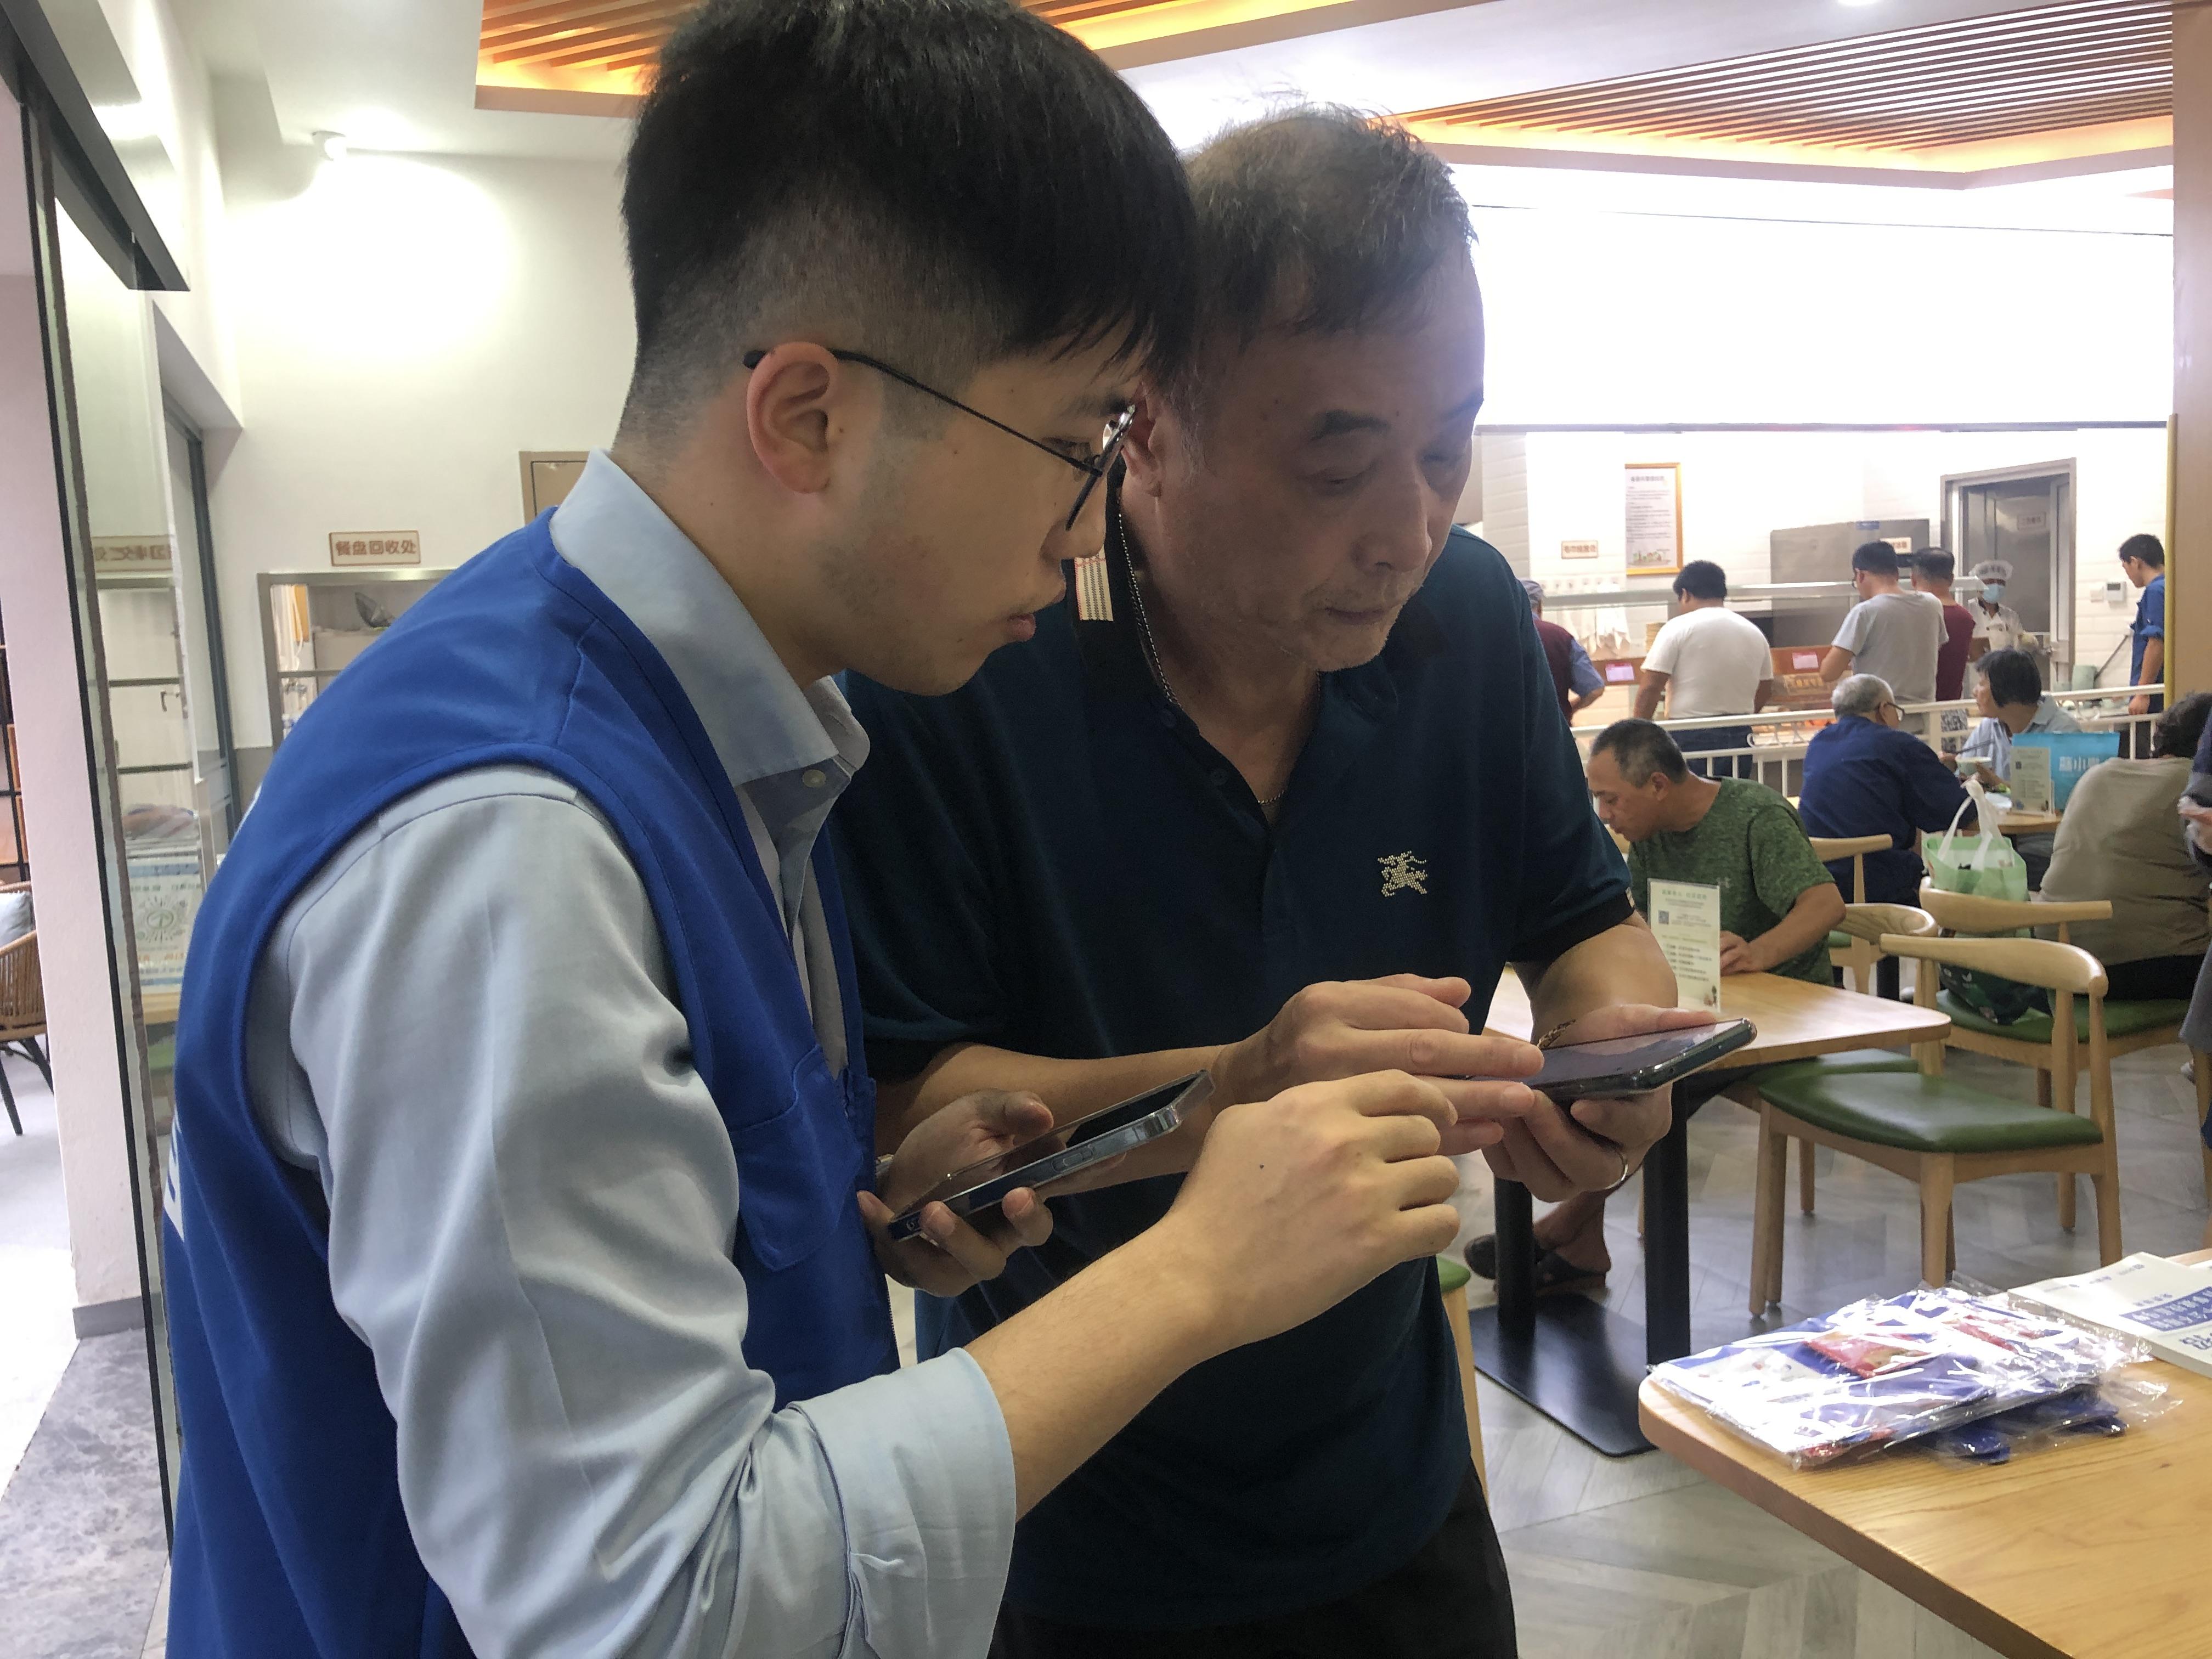 蓝马甲志愿者教社区老人用智能手机。